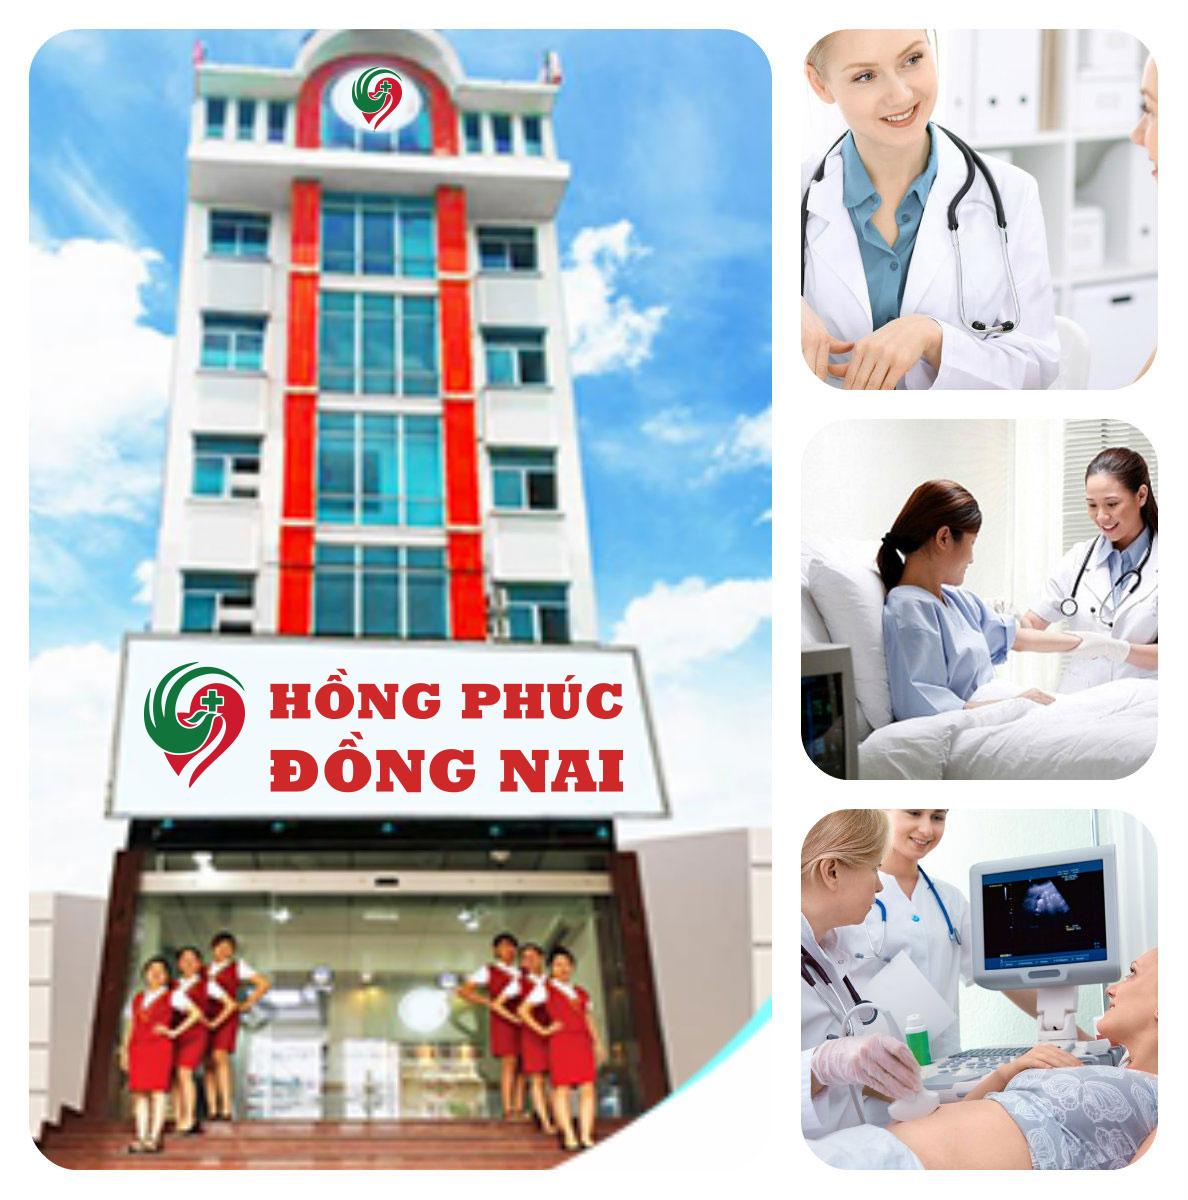 Phá thai an toàn cần được sự thăm khám kỹ lưỡng và theo dõi kỹ càng của bác sĩ.